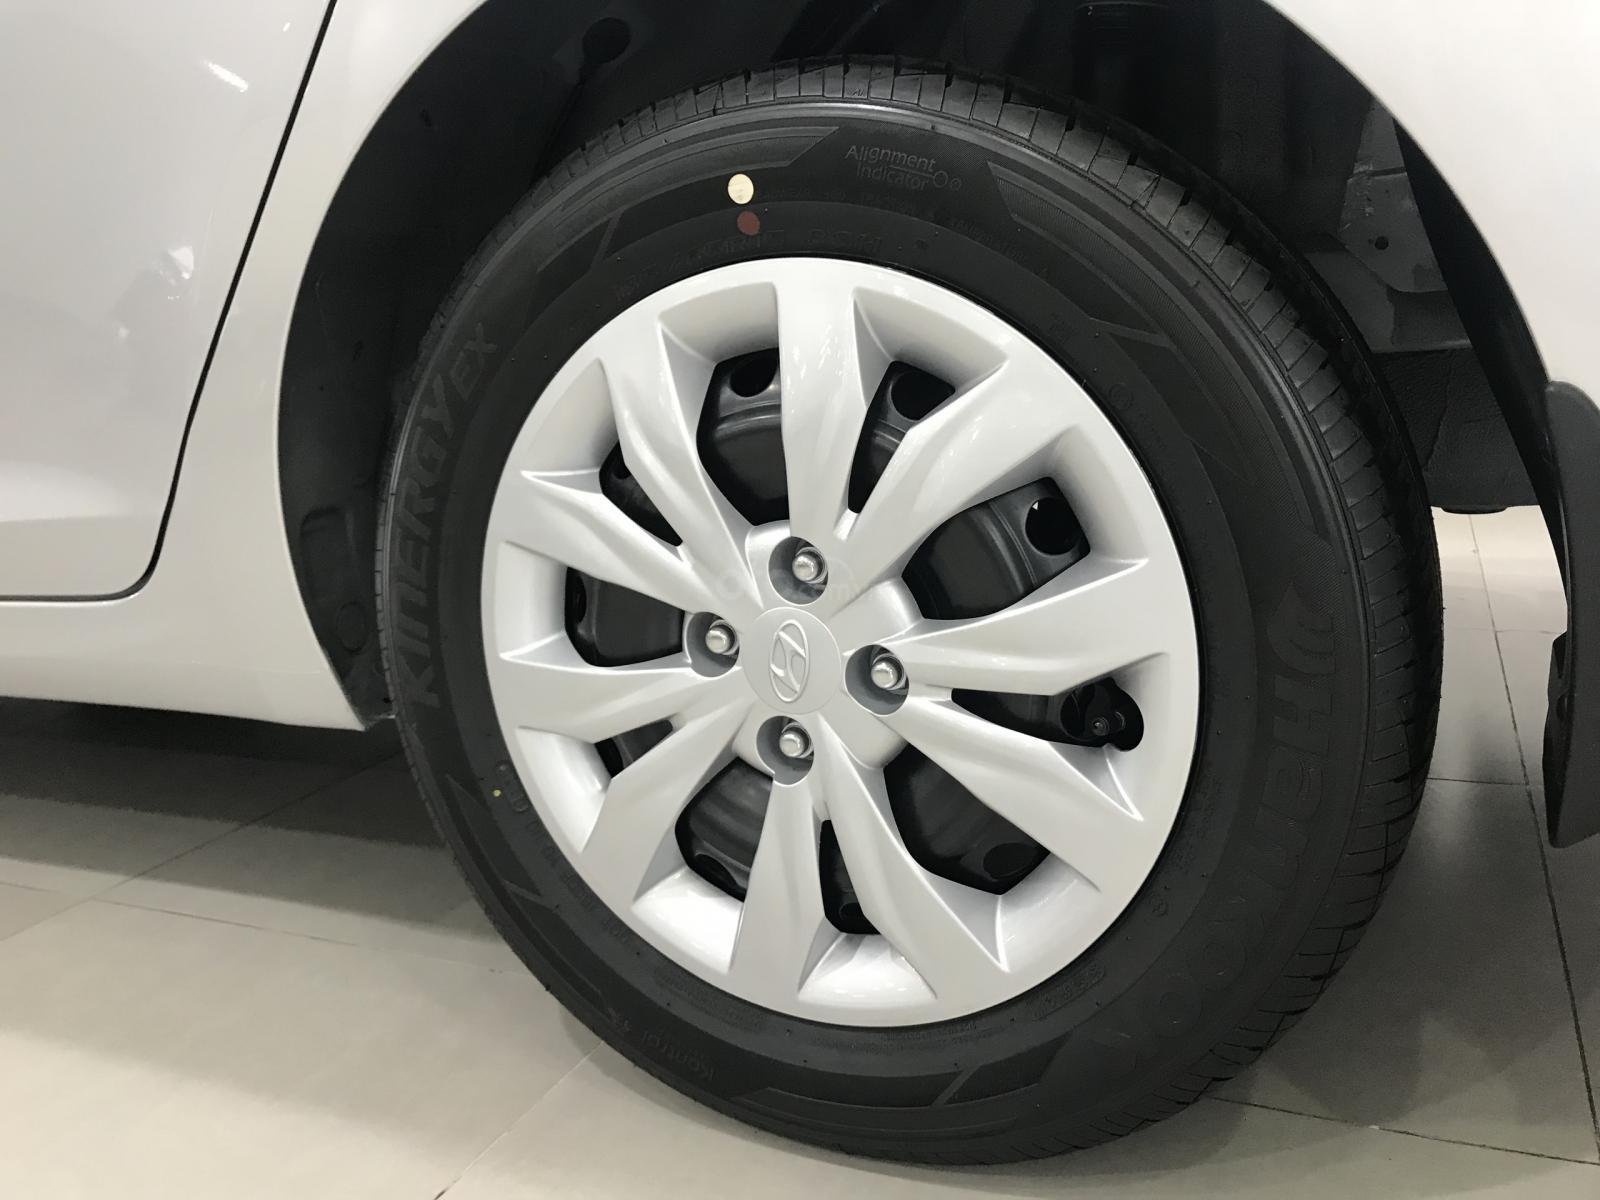 Bán xe Accent bản base màu bạc, có sẵn giao ngay 150 triệu nhận xe ngay (6)